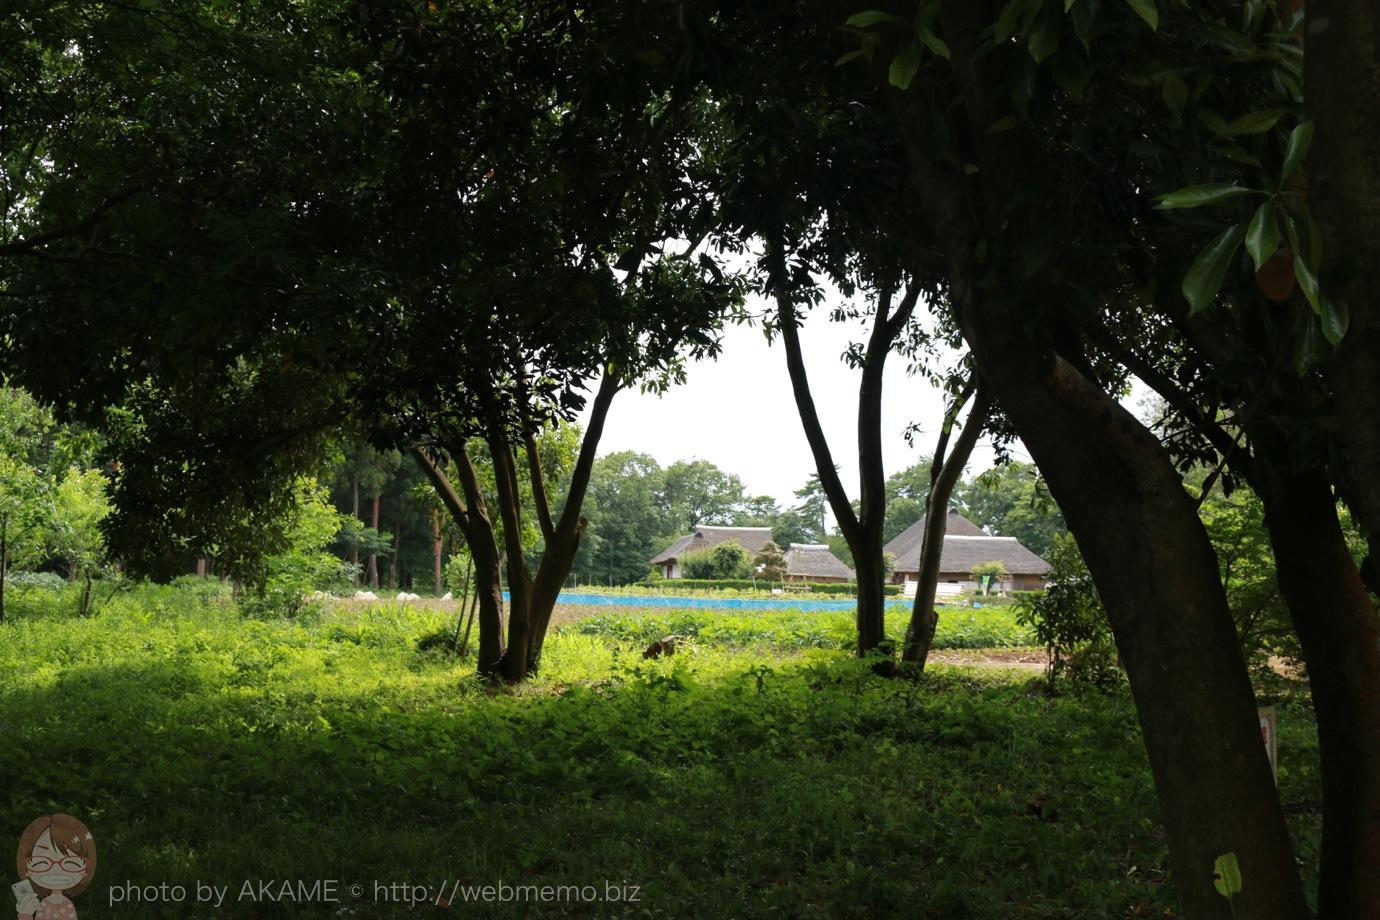 木々の間から見える農家